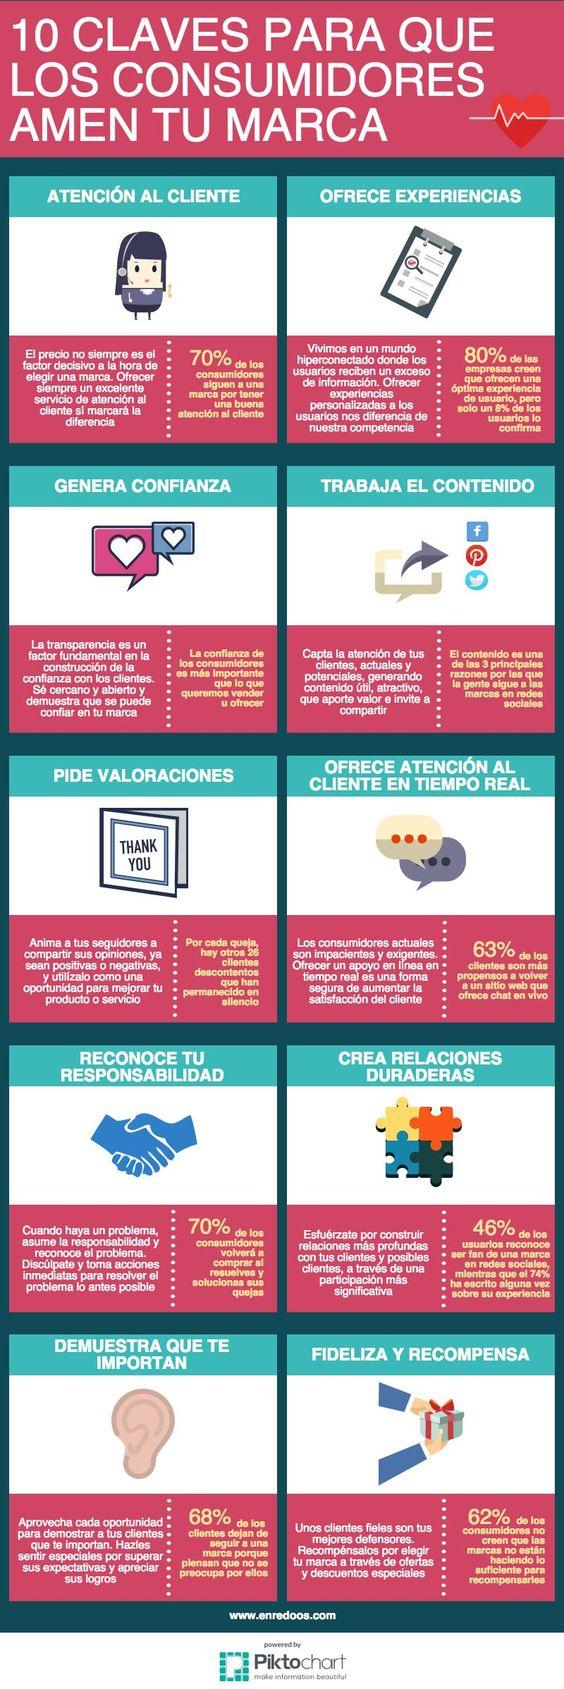 10-claves-para-que-los-usuarios-amen-tu-marca